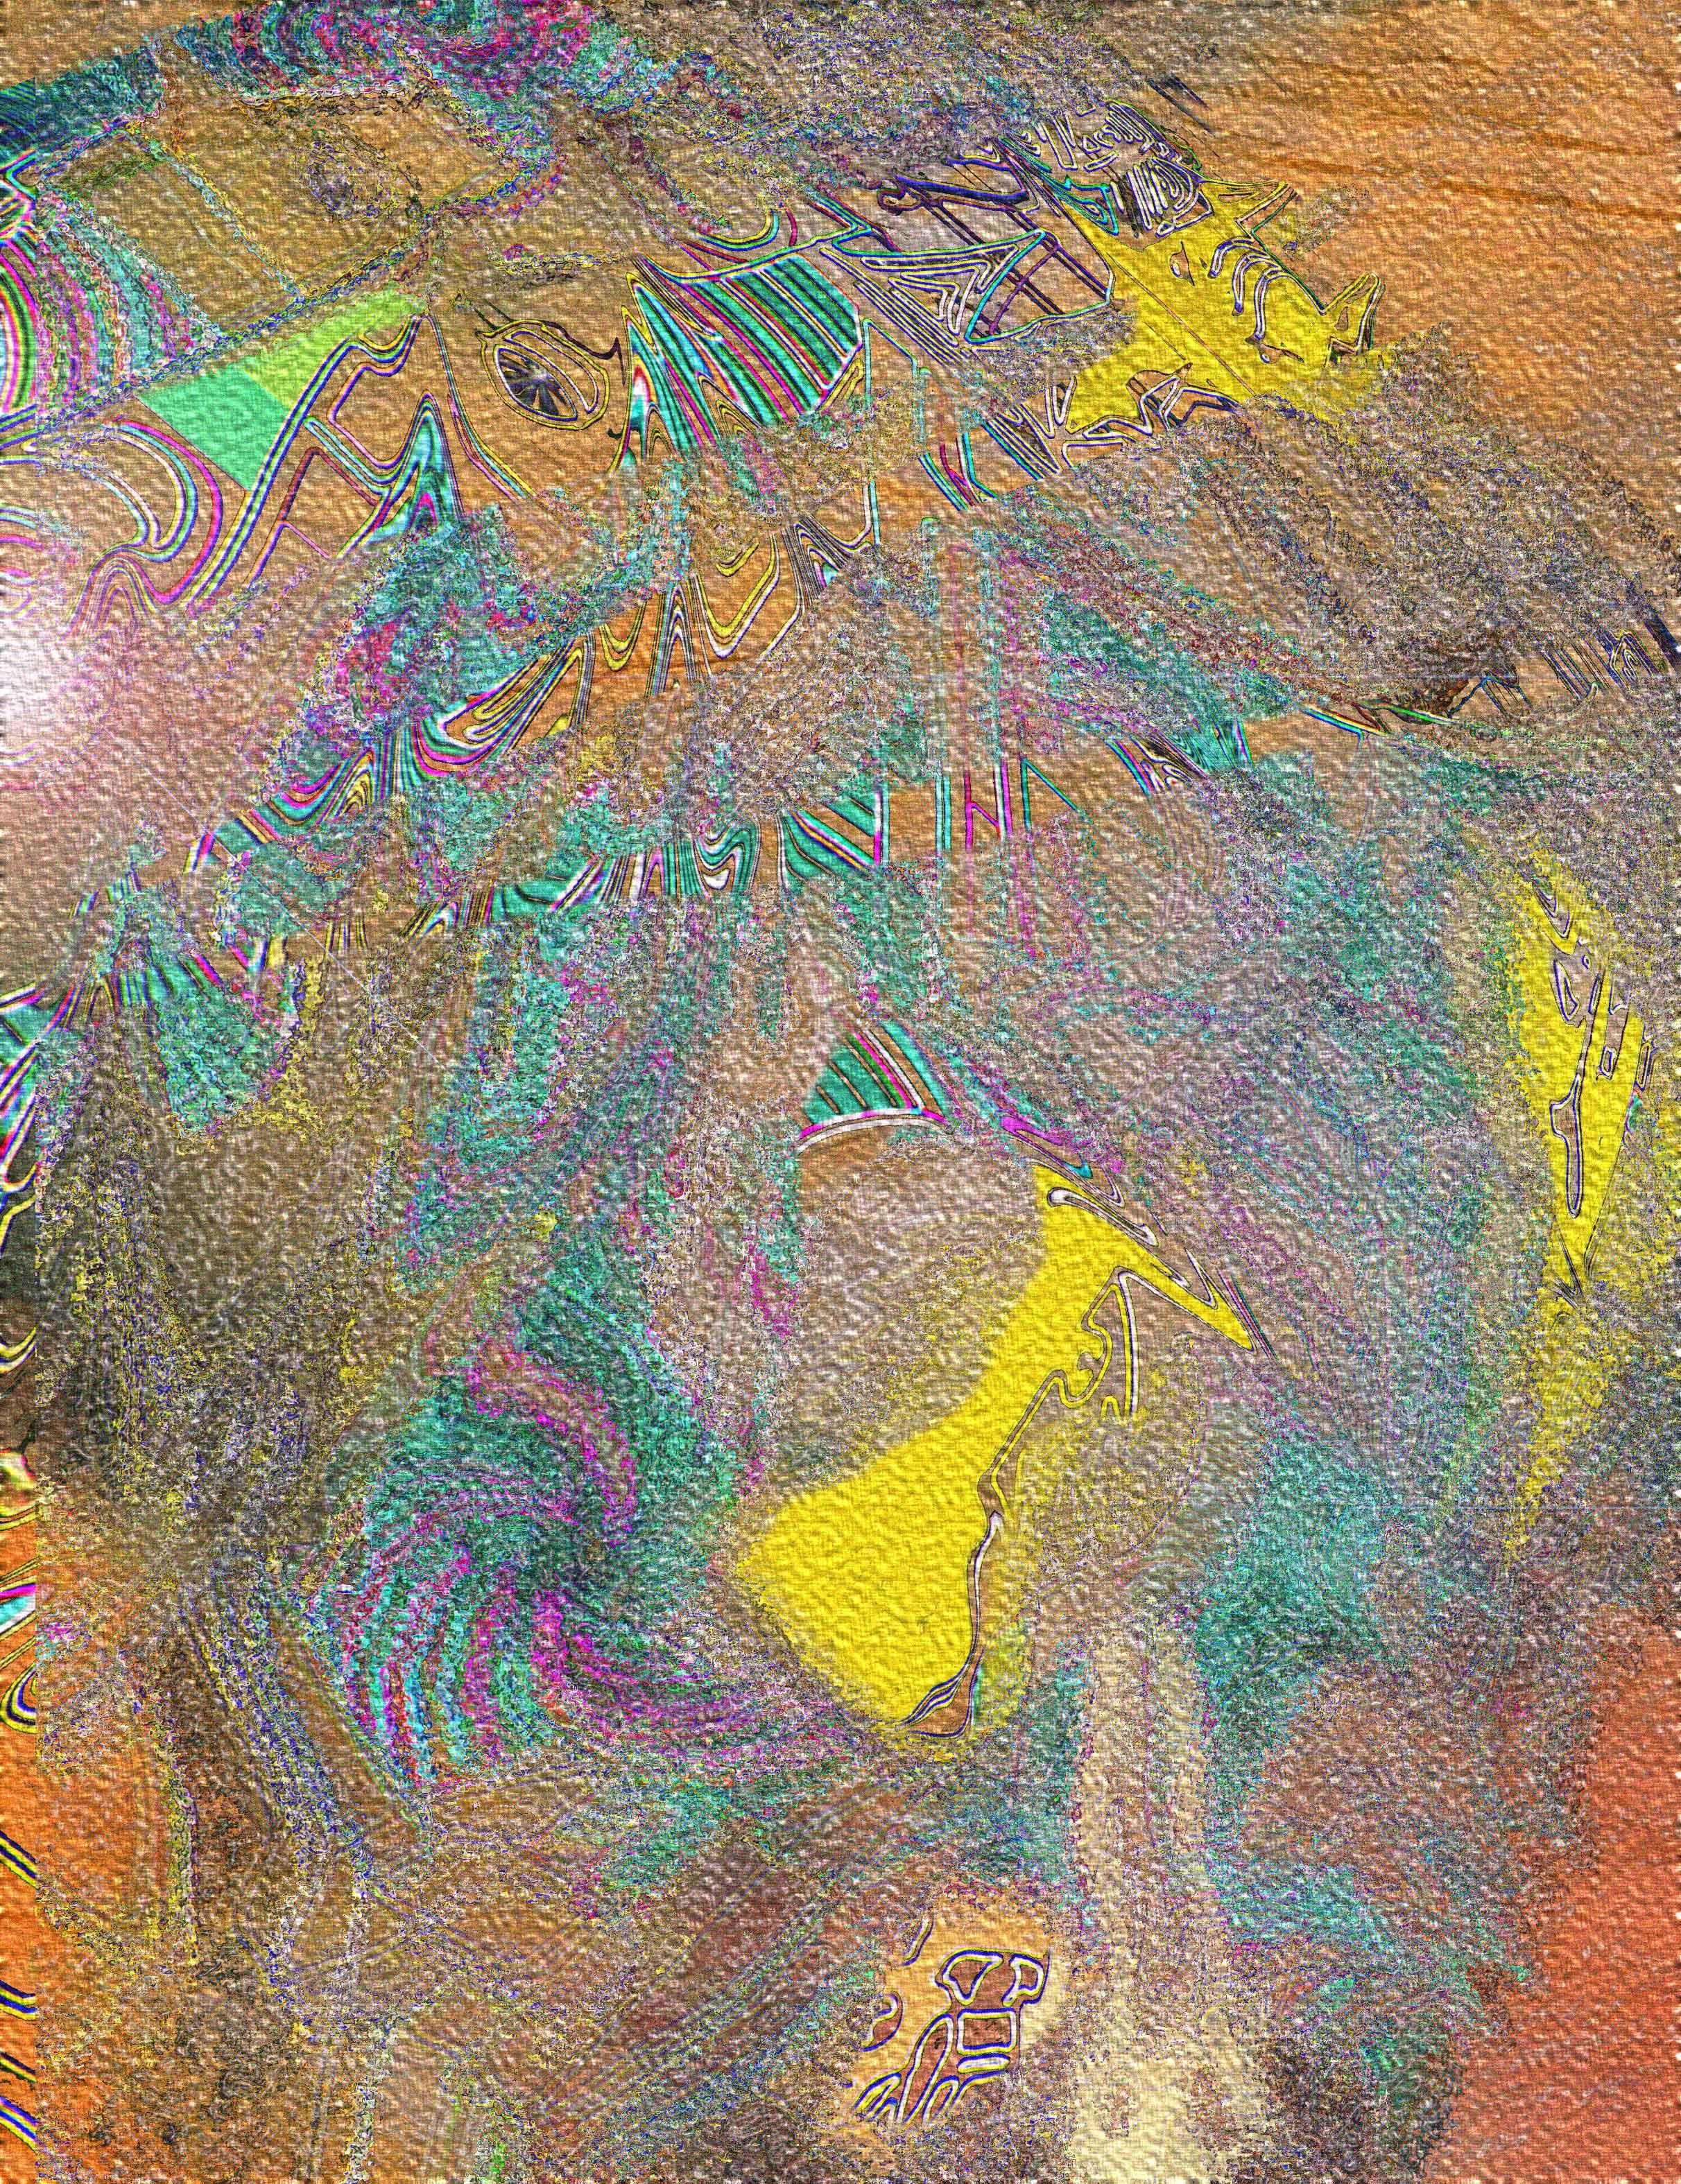 animals---yellow-beast